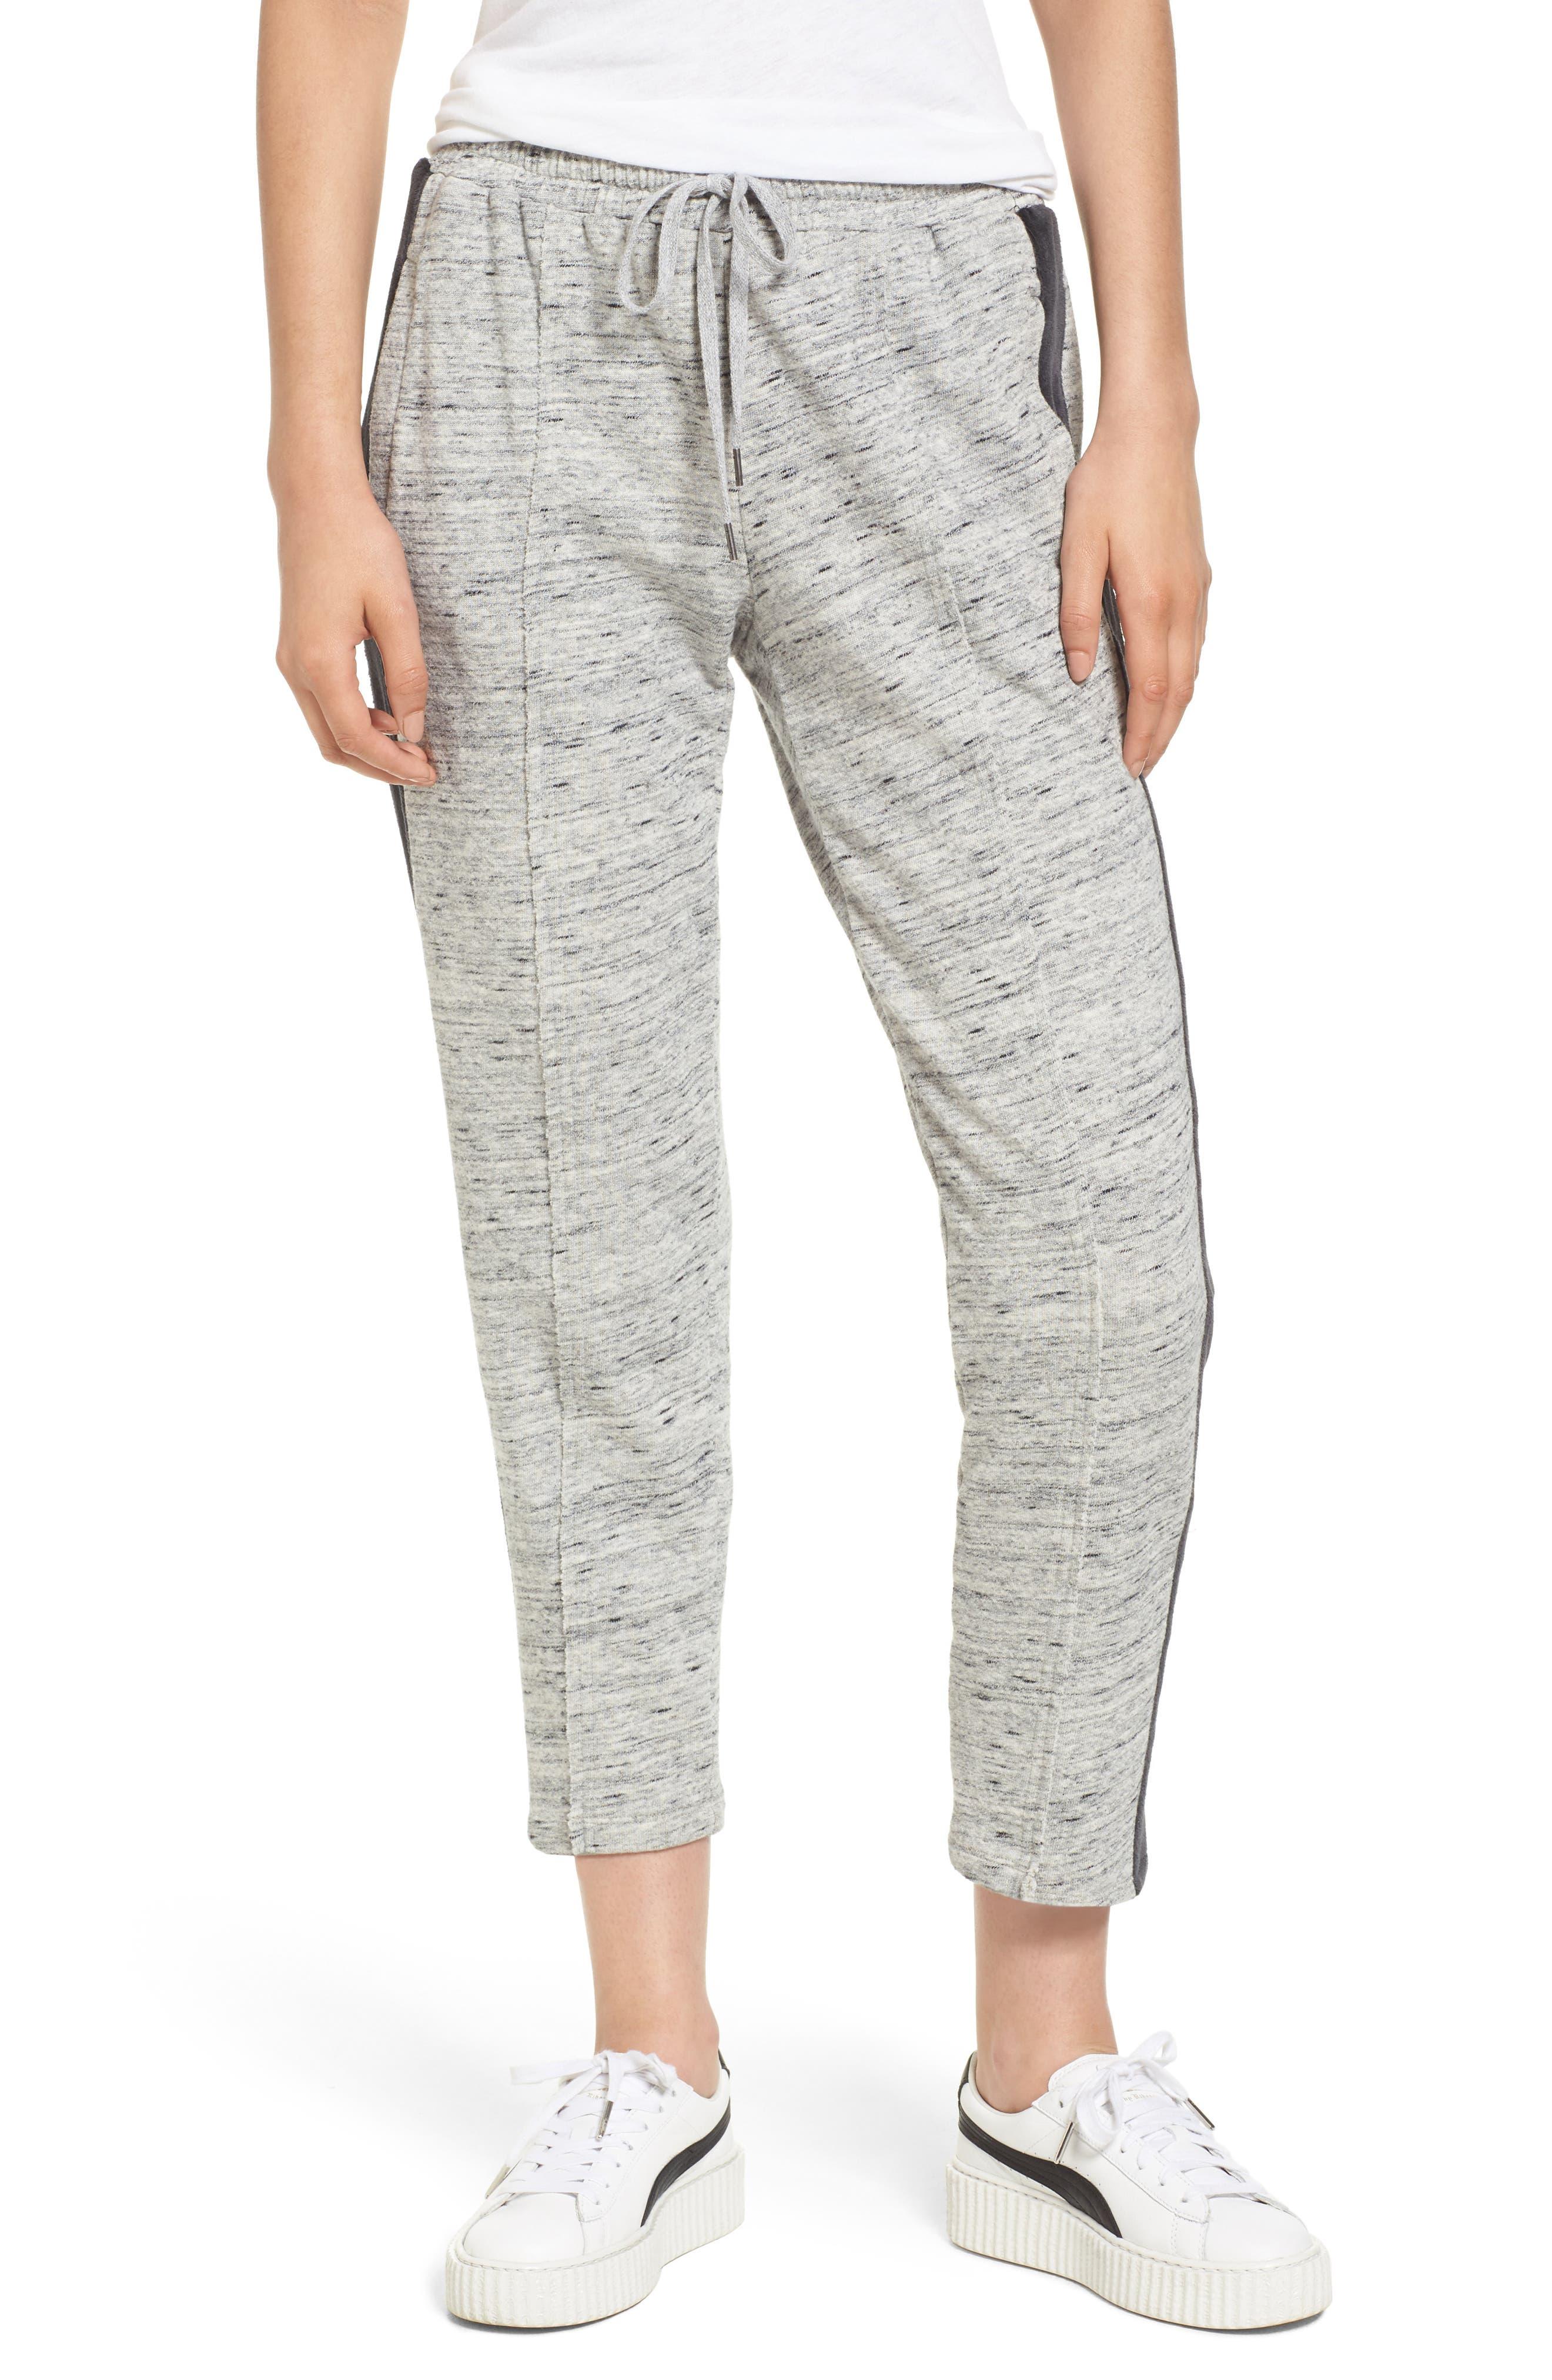 Splendid Ria Active Sweatpants